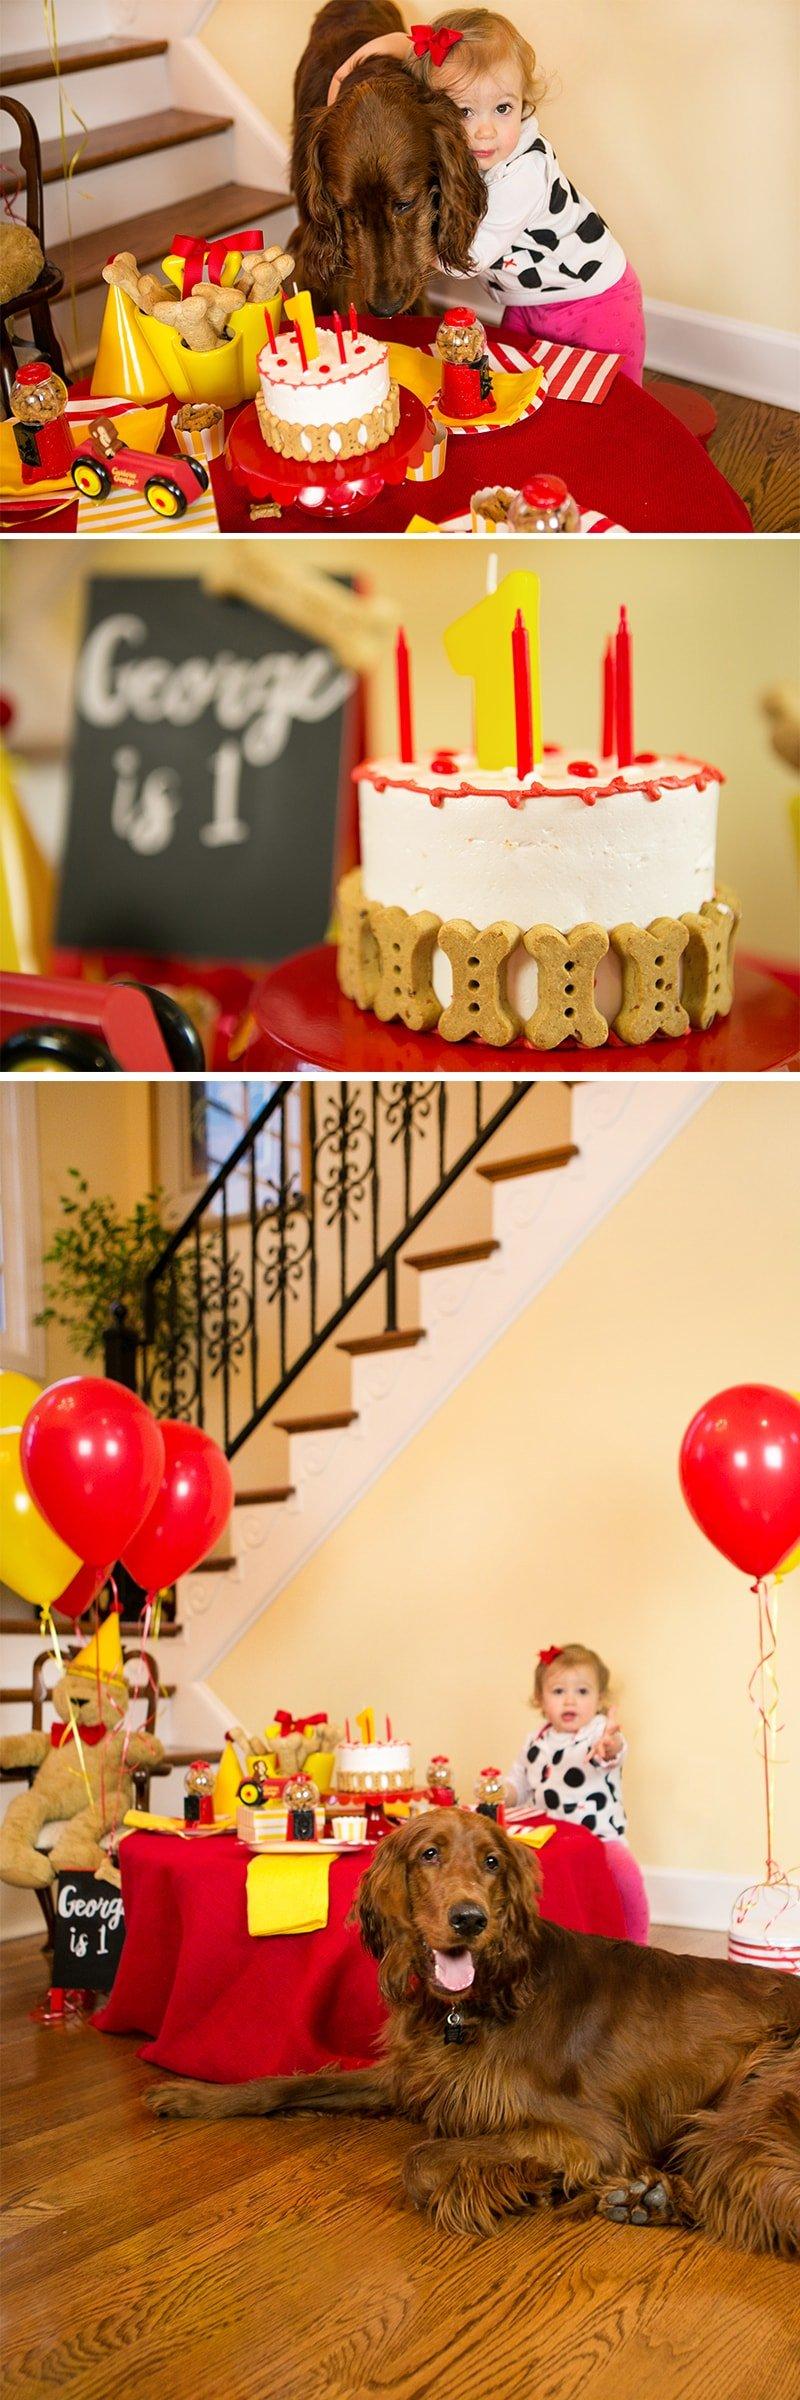 Cute Puppy Birthday Pawty ideas!